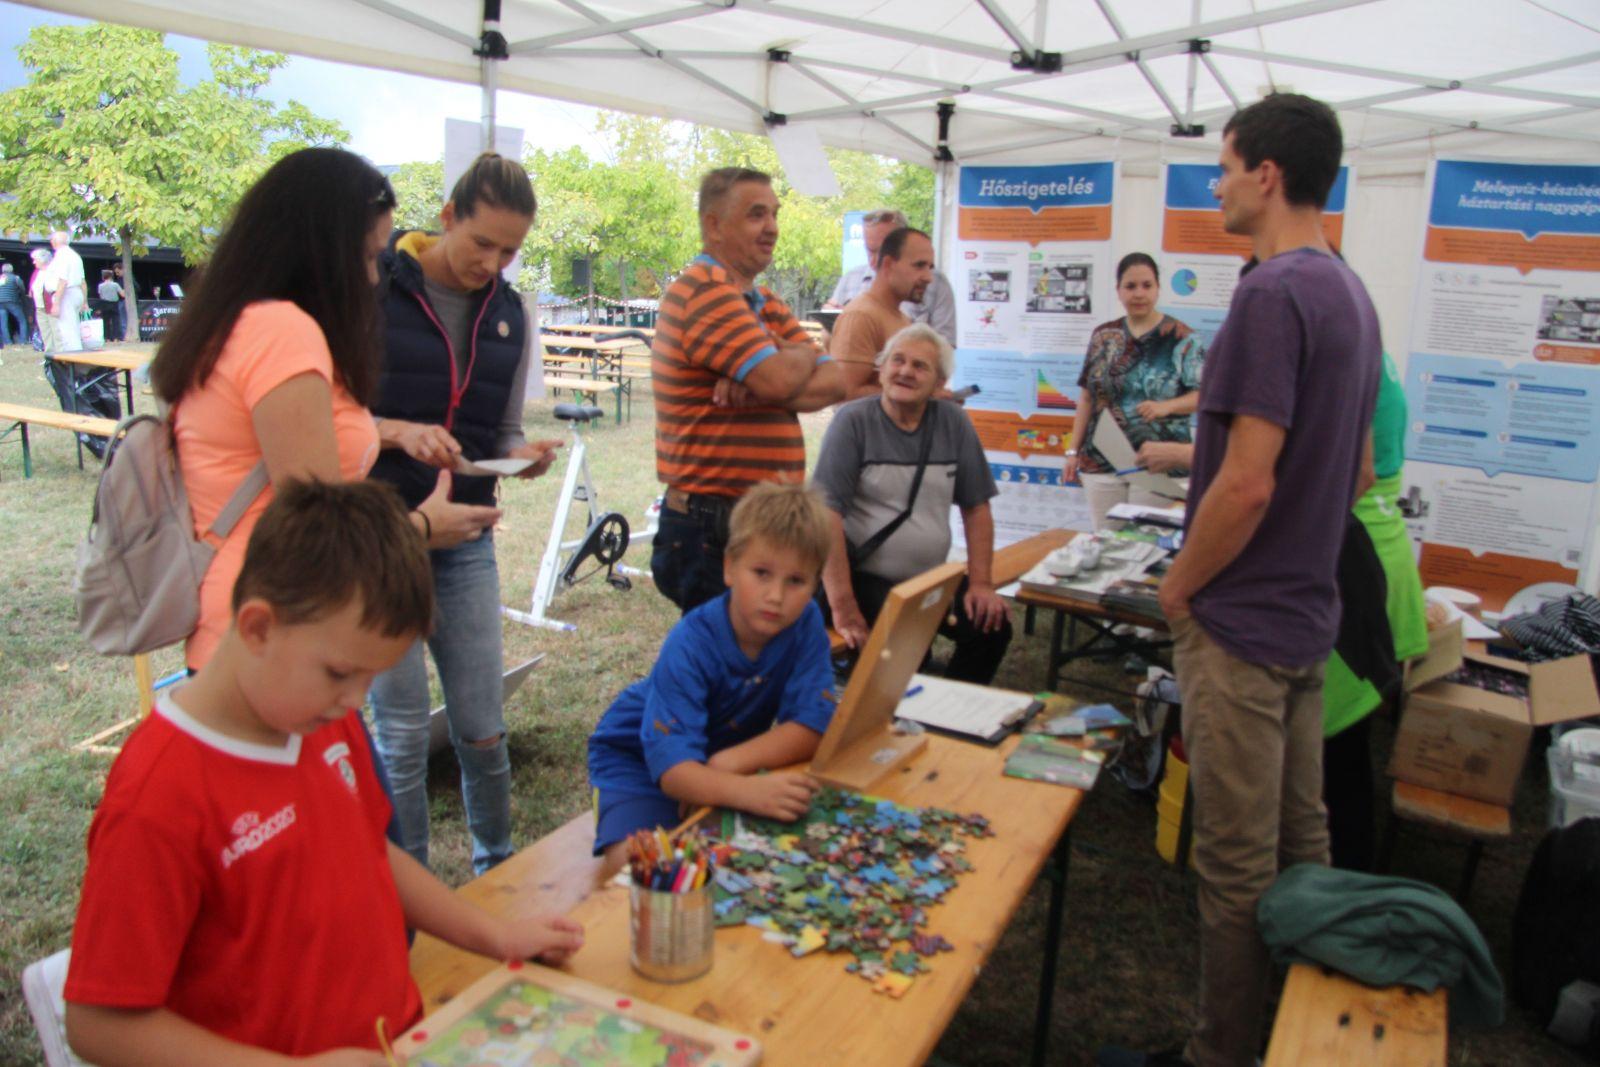 Otthonos Energia kiállítás, játékok és tanácsadás a Gazdagréti Halászléfőző versenyen